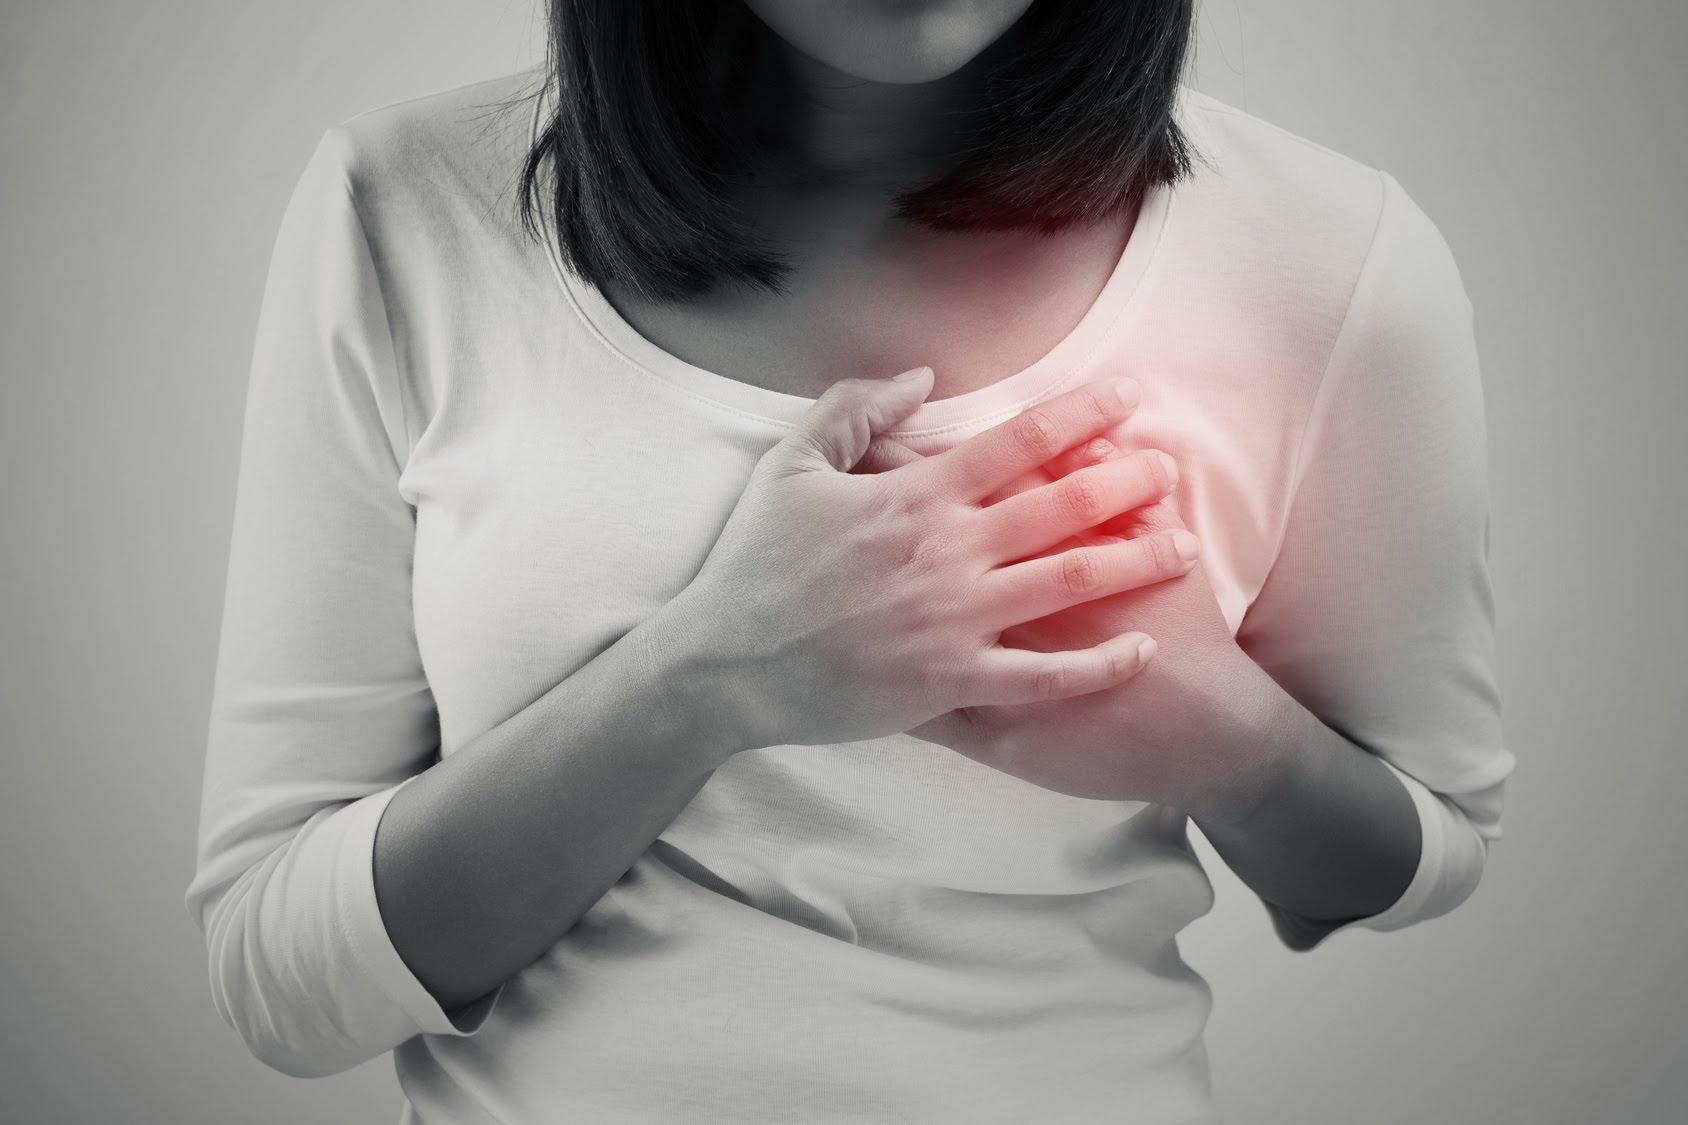 Фиброзно-кистозная мастопатия молочной железы: симптомы, лечение